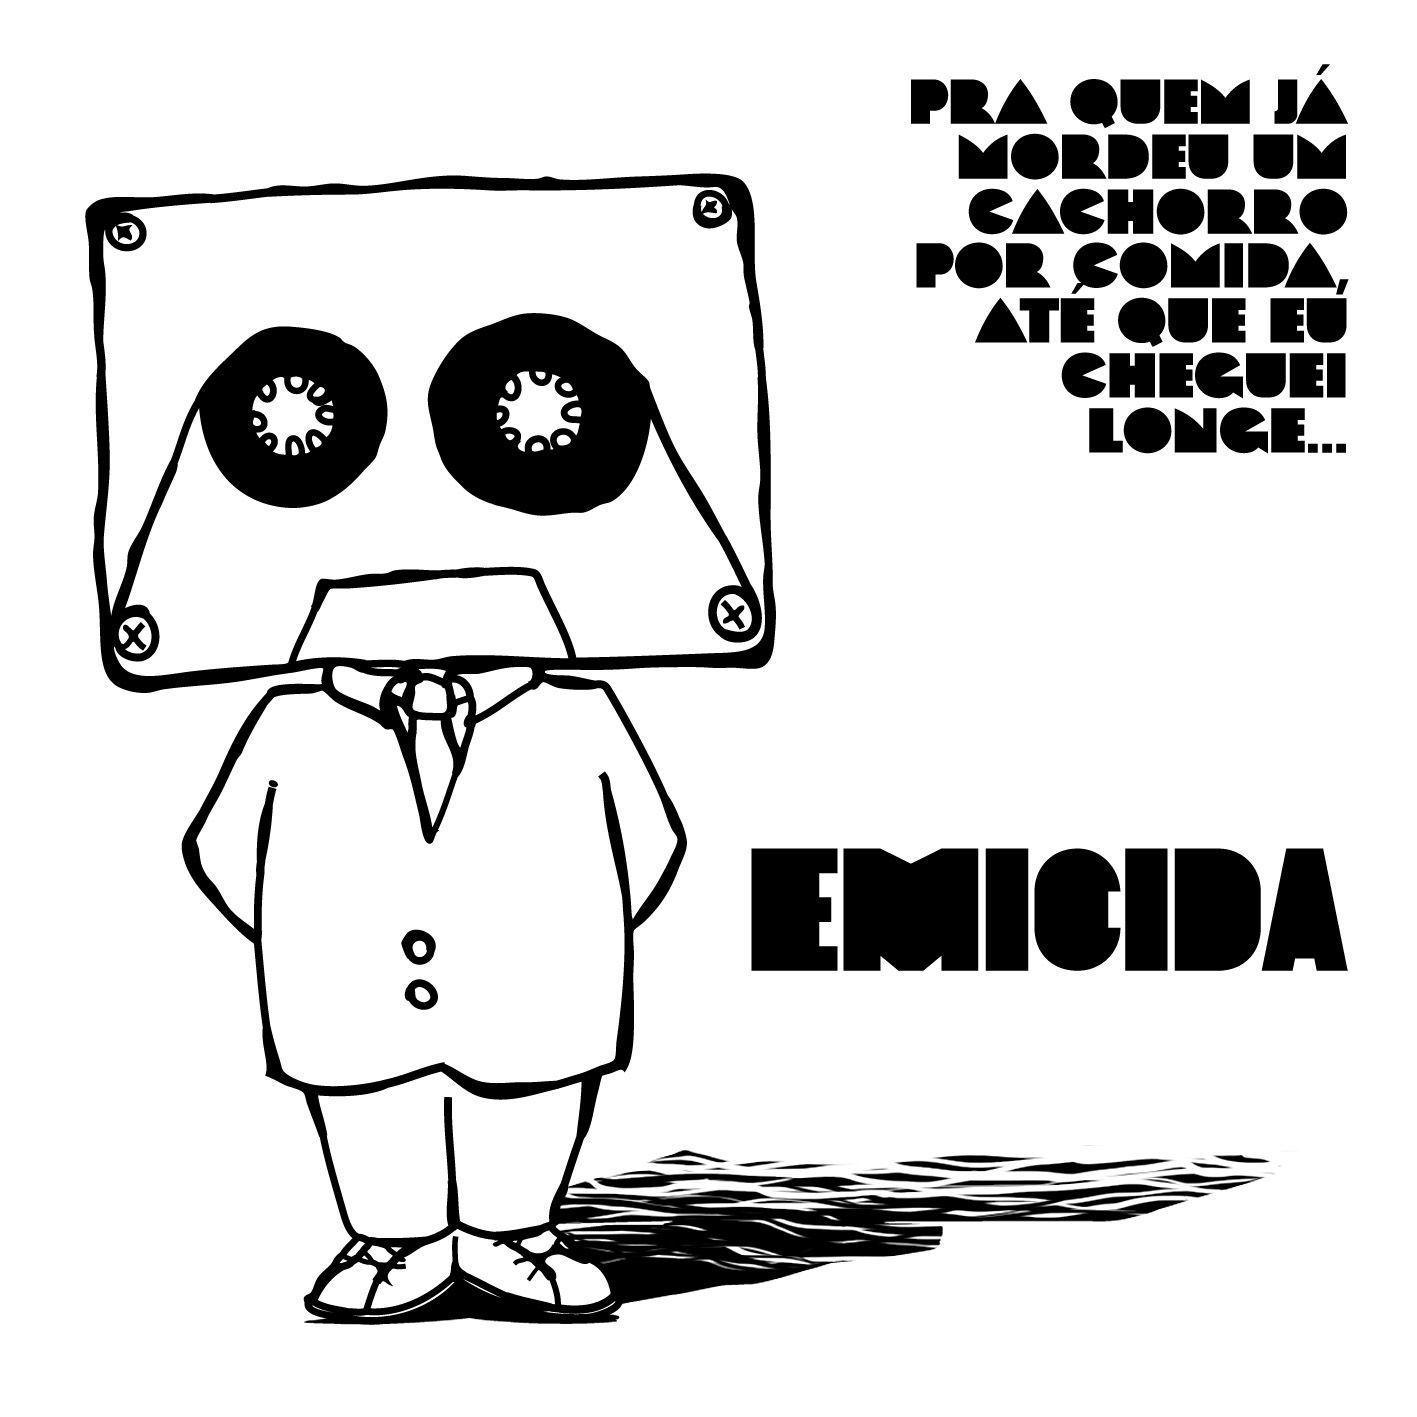 CD EMICIDA - PRA QUEM JÁ MORDEU UM CACHORRO POR COMIDA, ATÉ QUE EU CHEGUEI LONGE